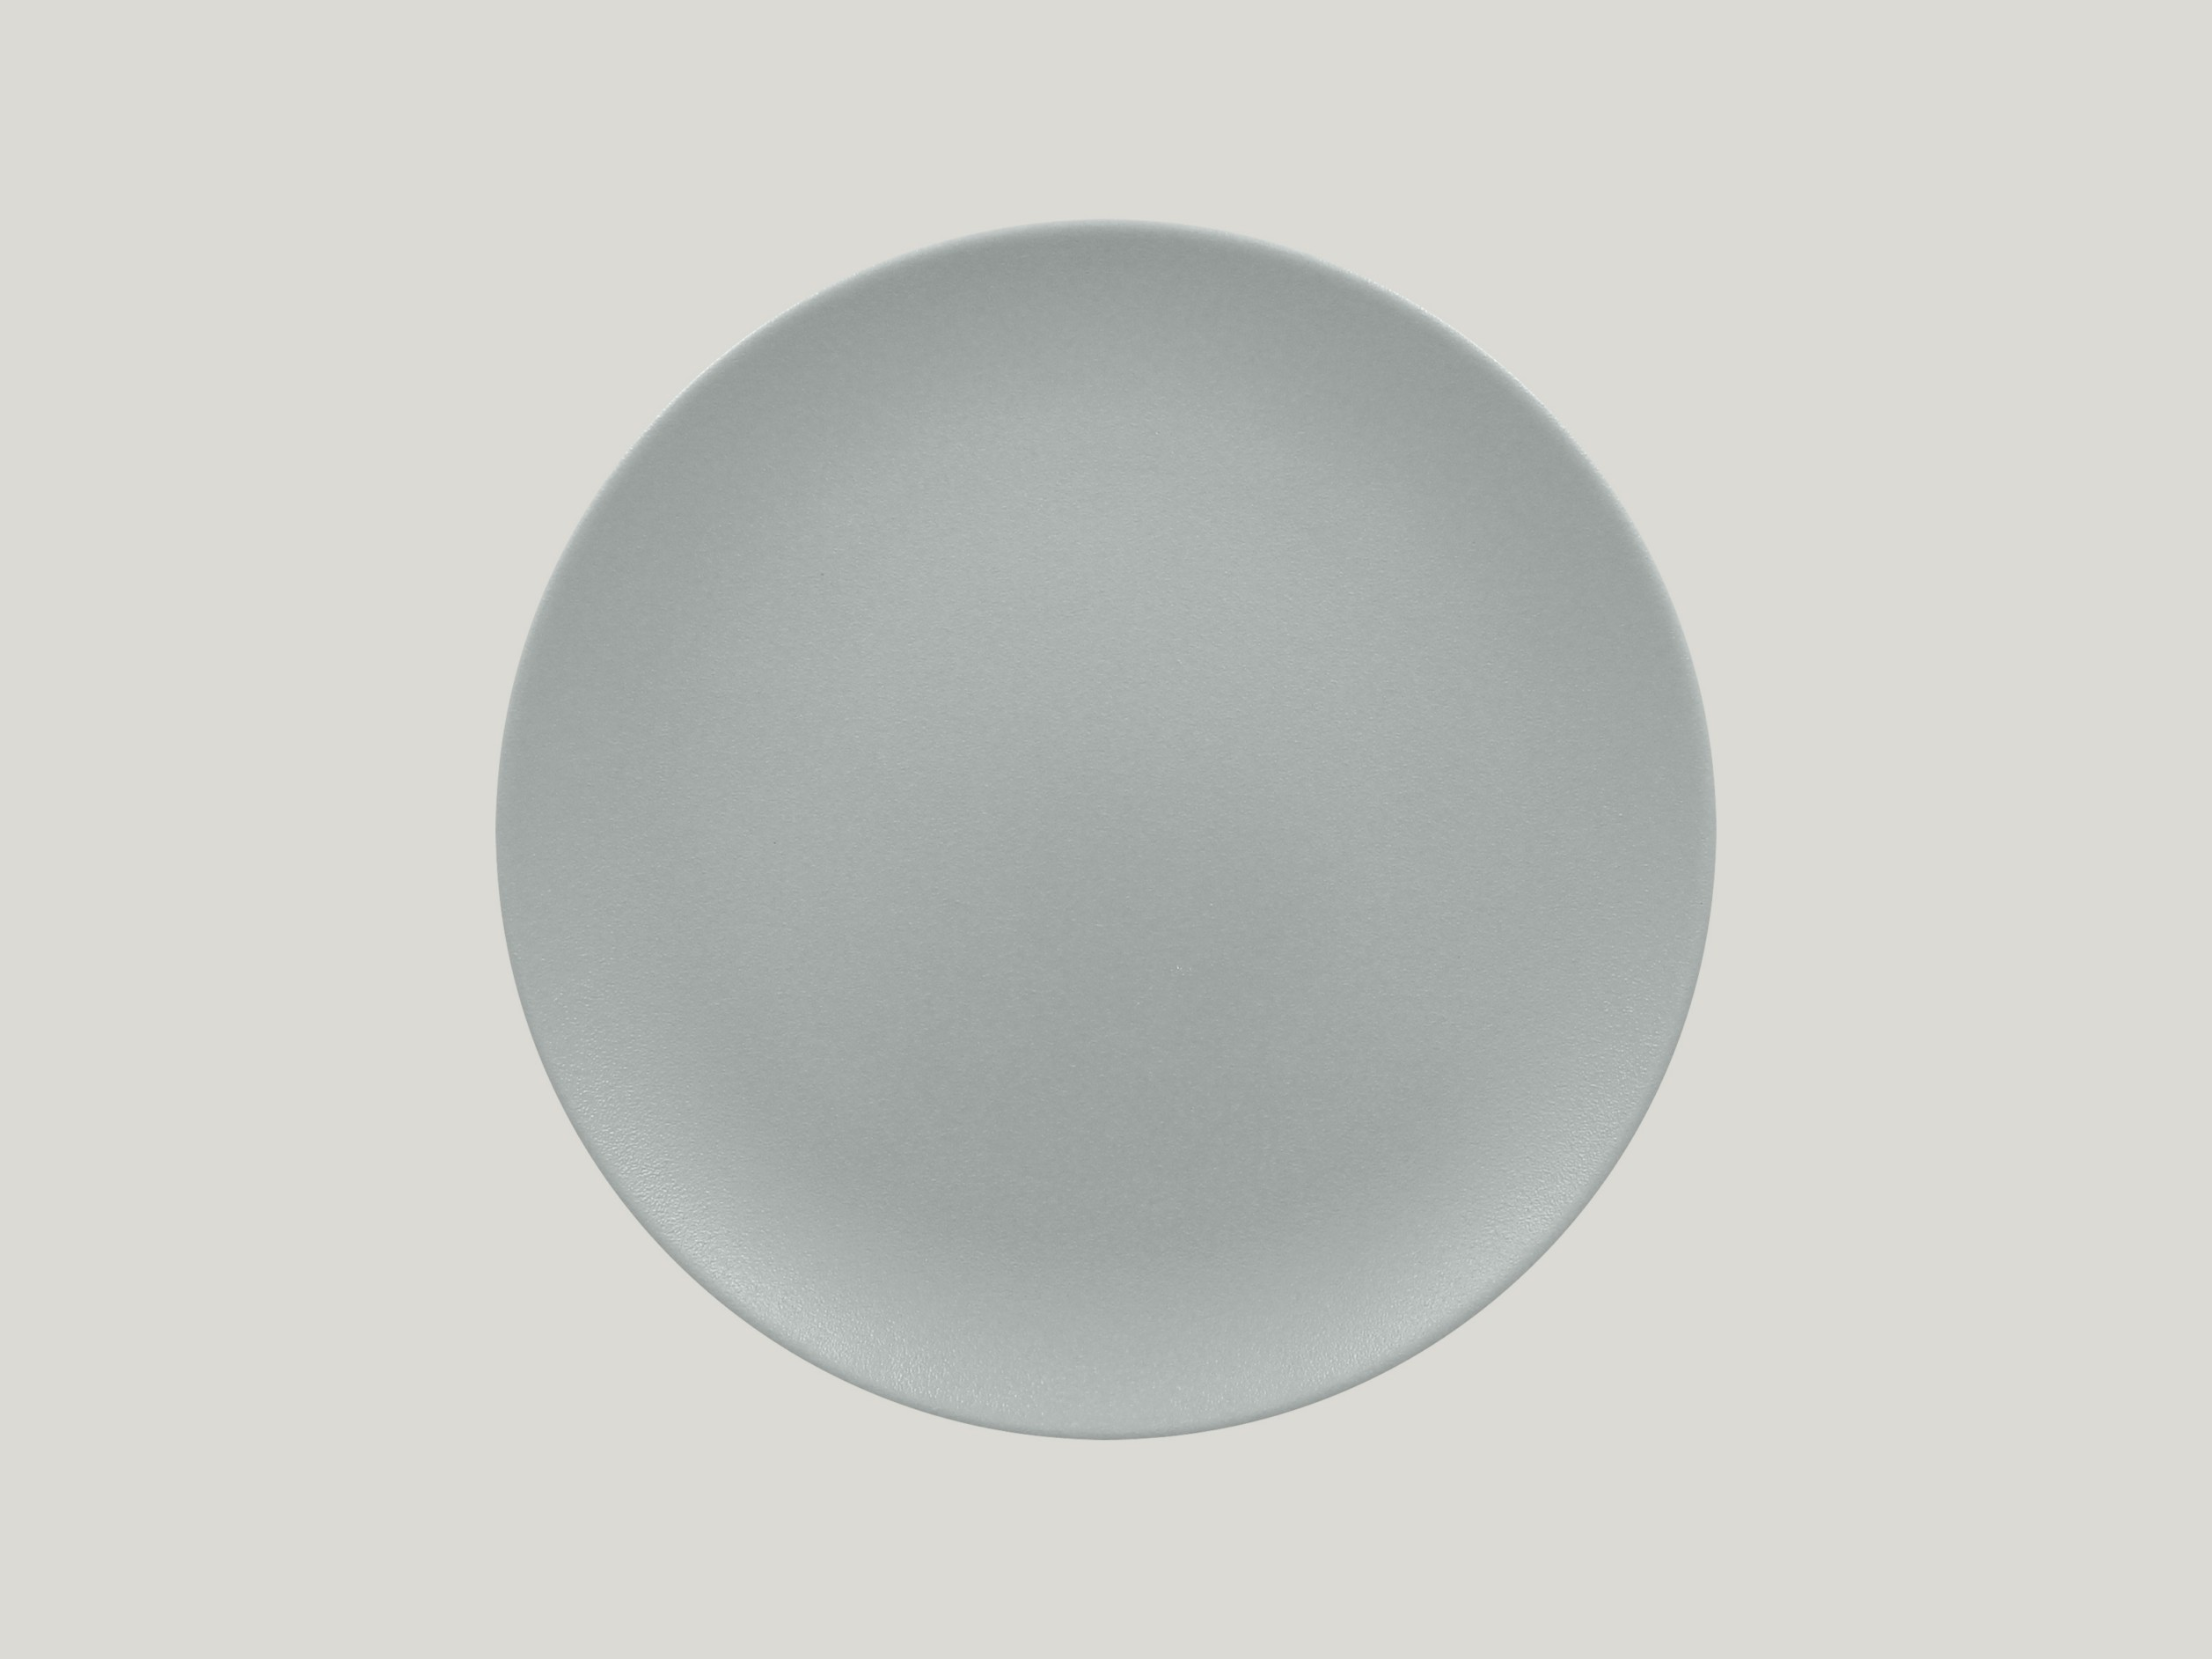 Talíř mělký 29 cm - šedá